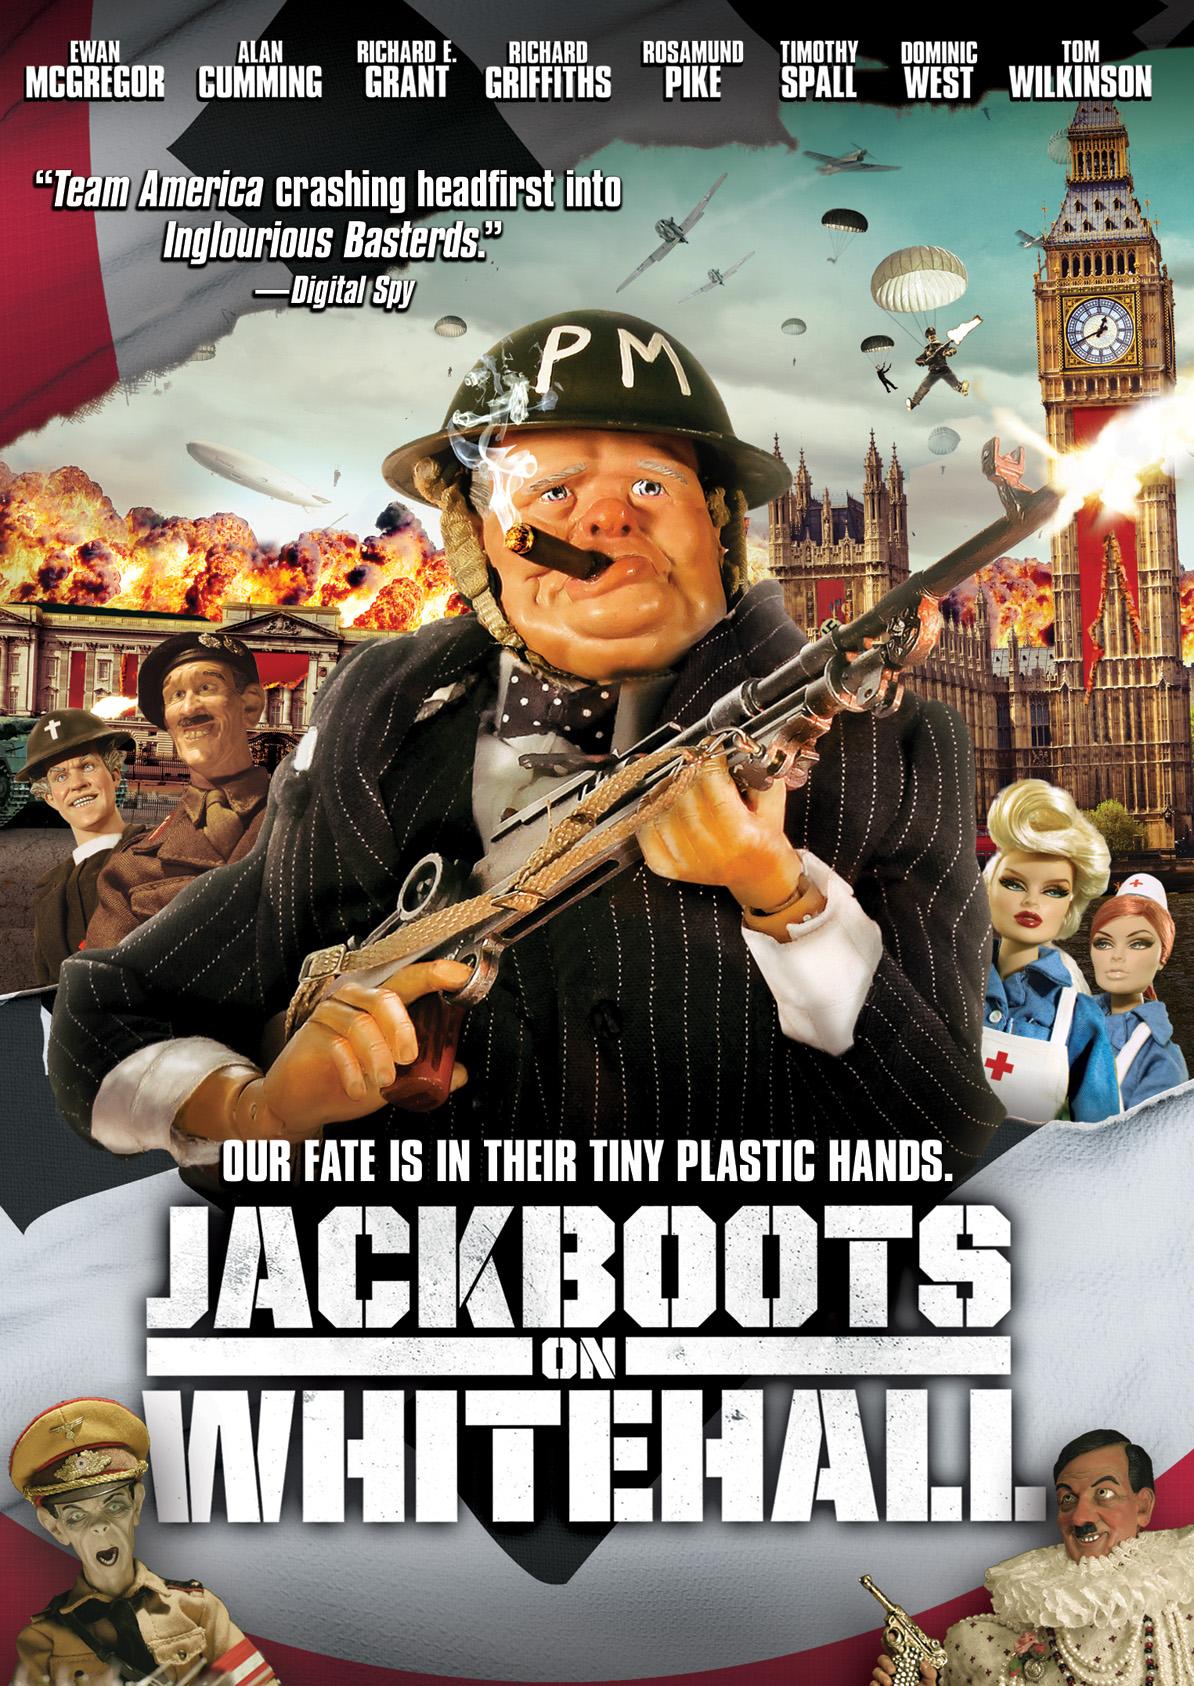 http://1.bp.blogspot.com/-LDJYhpzsBQI/Tjx6CTBlUII/AAAAAAAAAhA/gQHp_BH_WfA/s0/Jackboots+on+Whitehall+DVD+Box.jpg